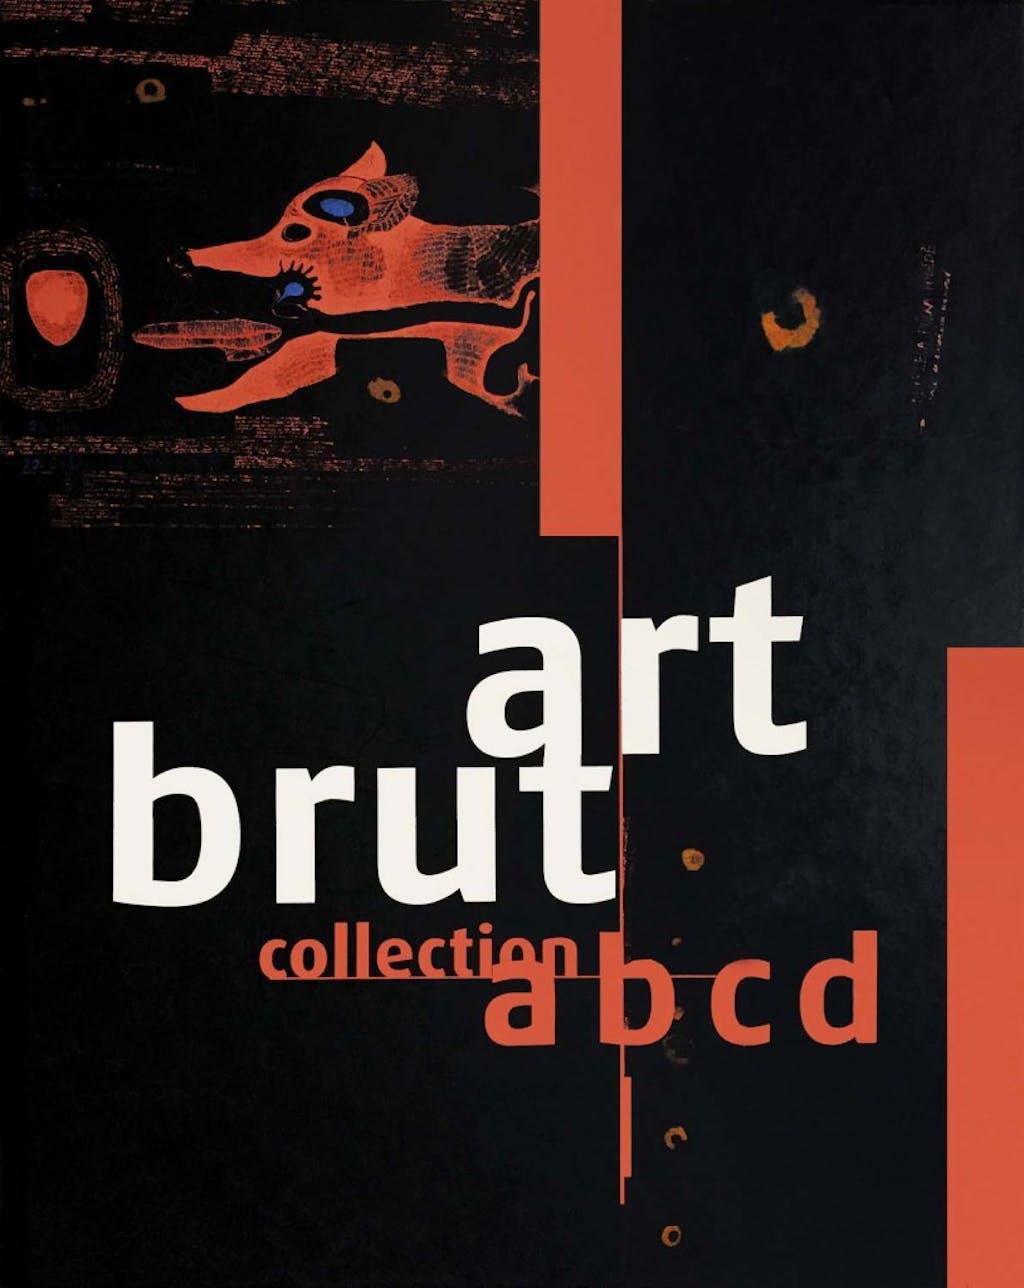 Art brut, collection abcd - © christian berst — art brut